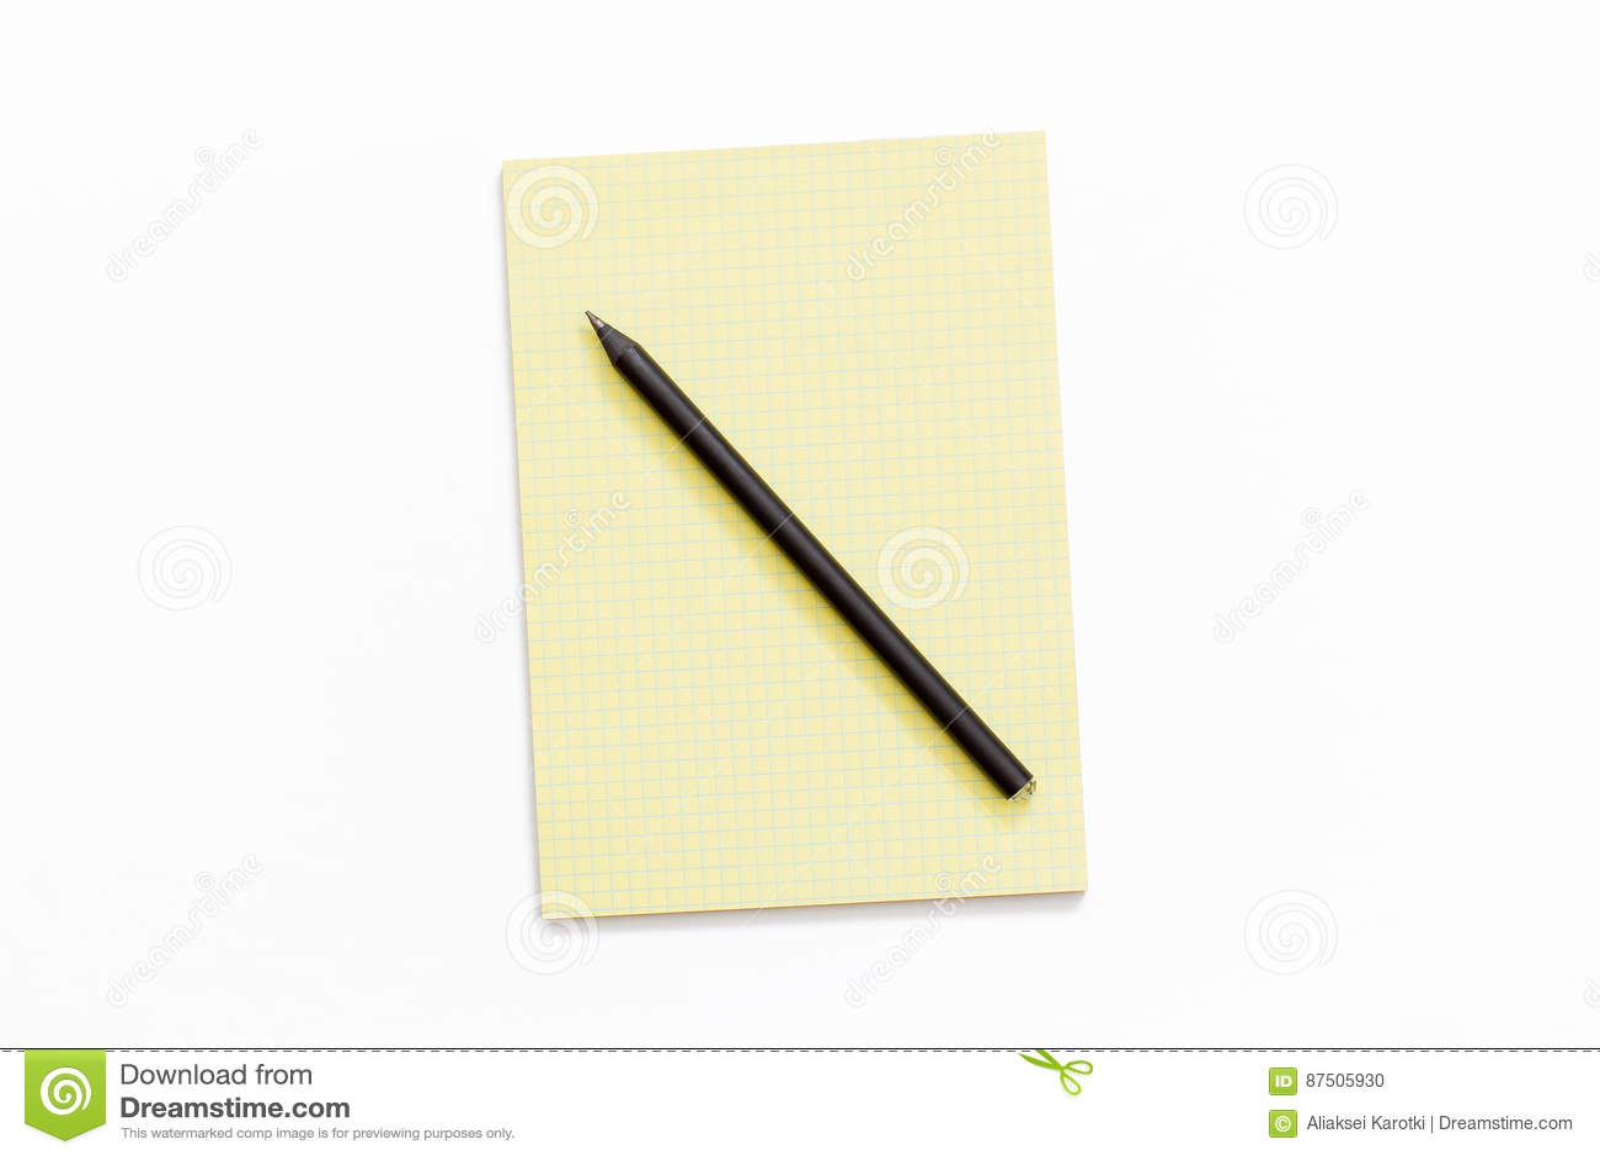 黄色笔记薄和铅笔在白色背景